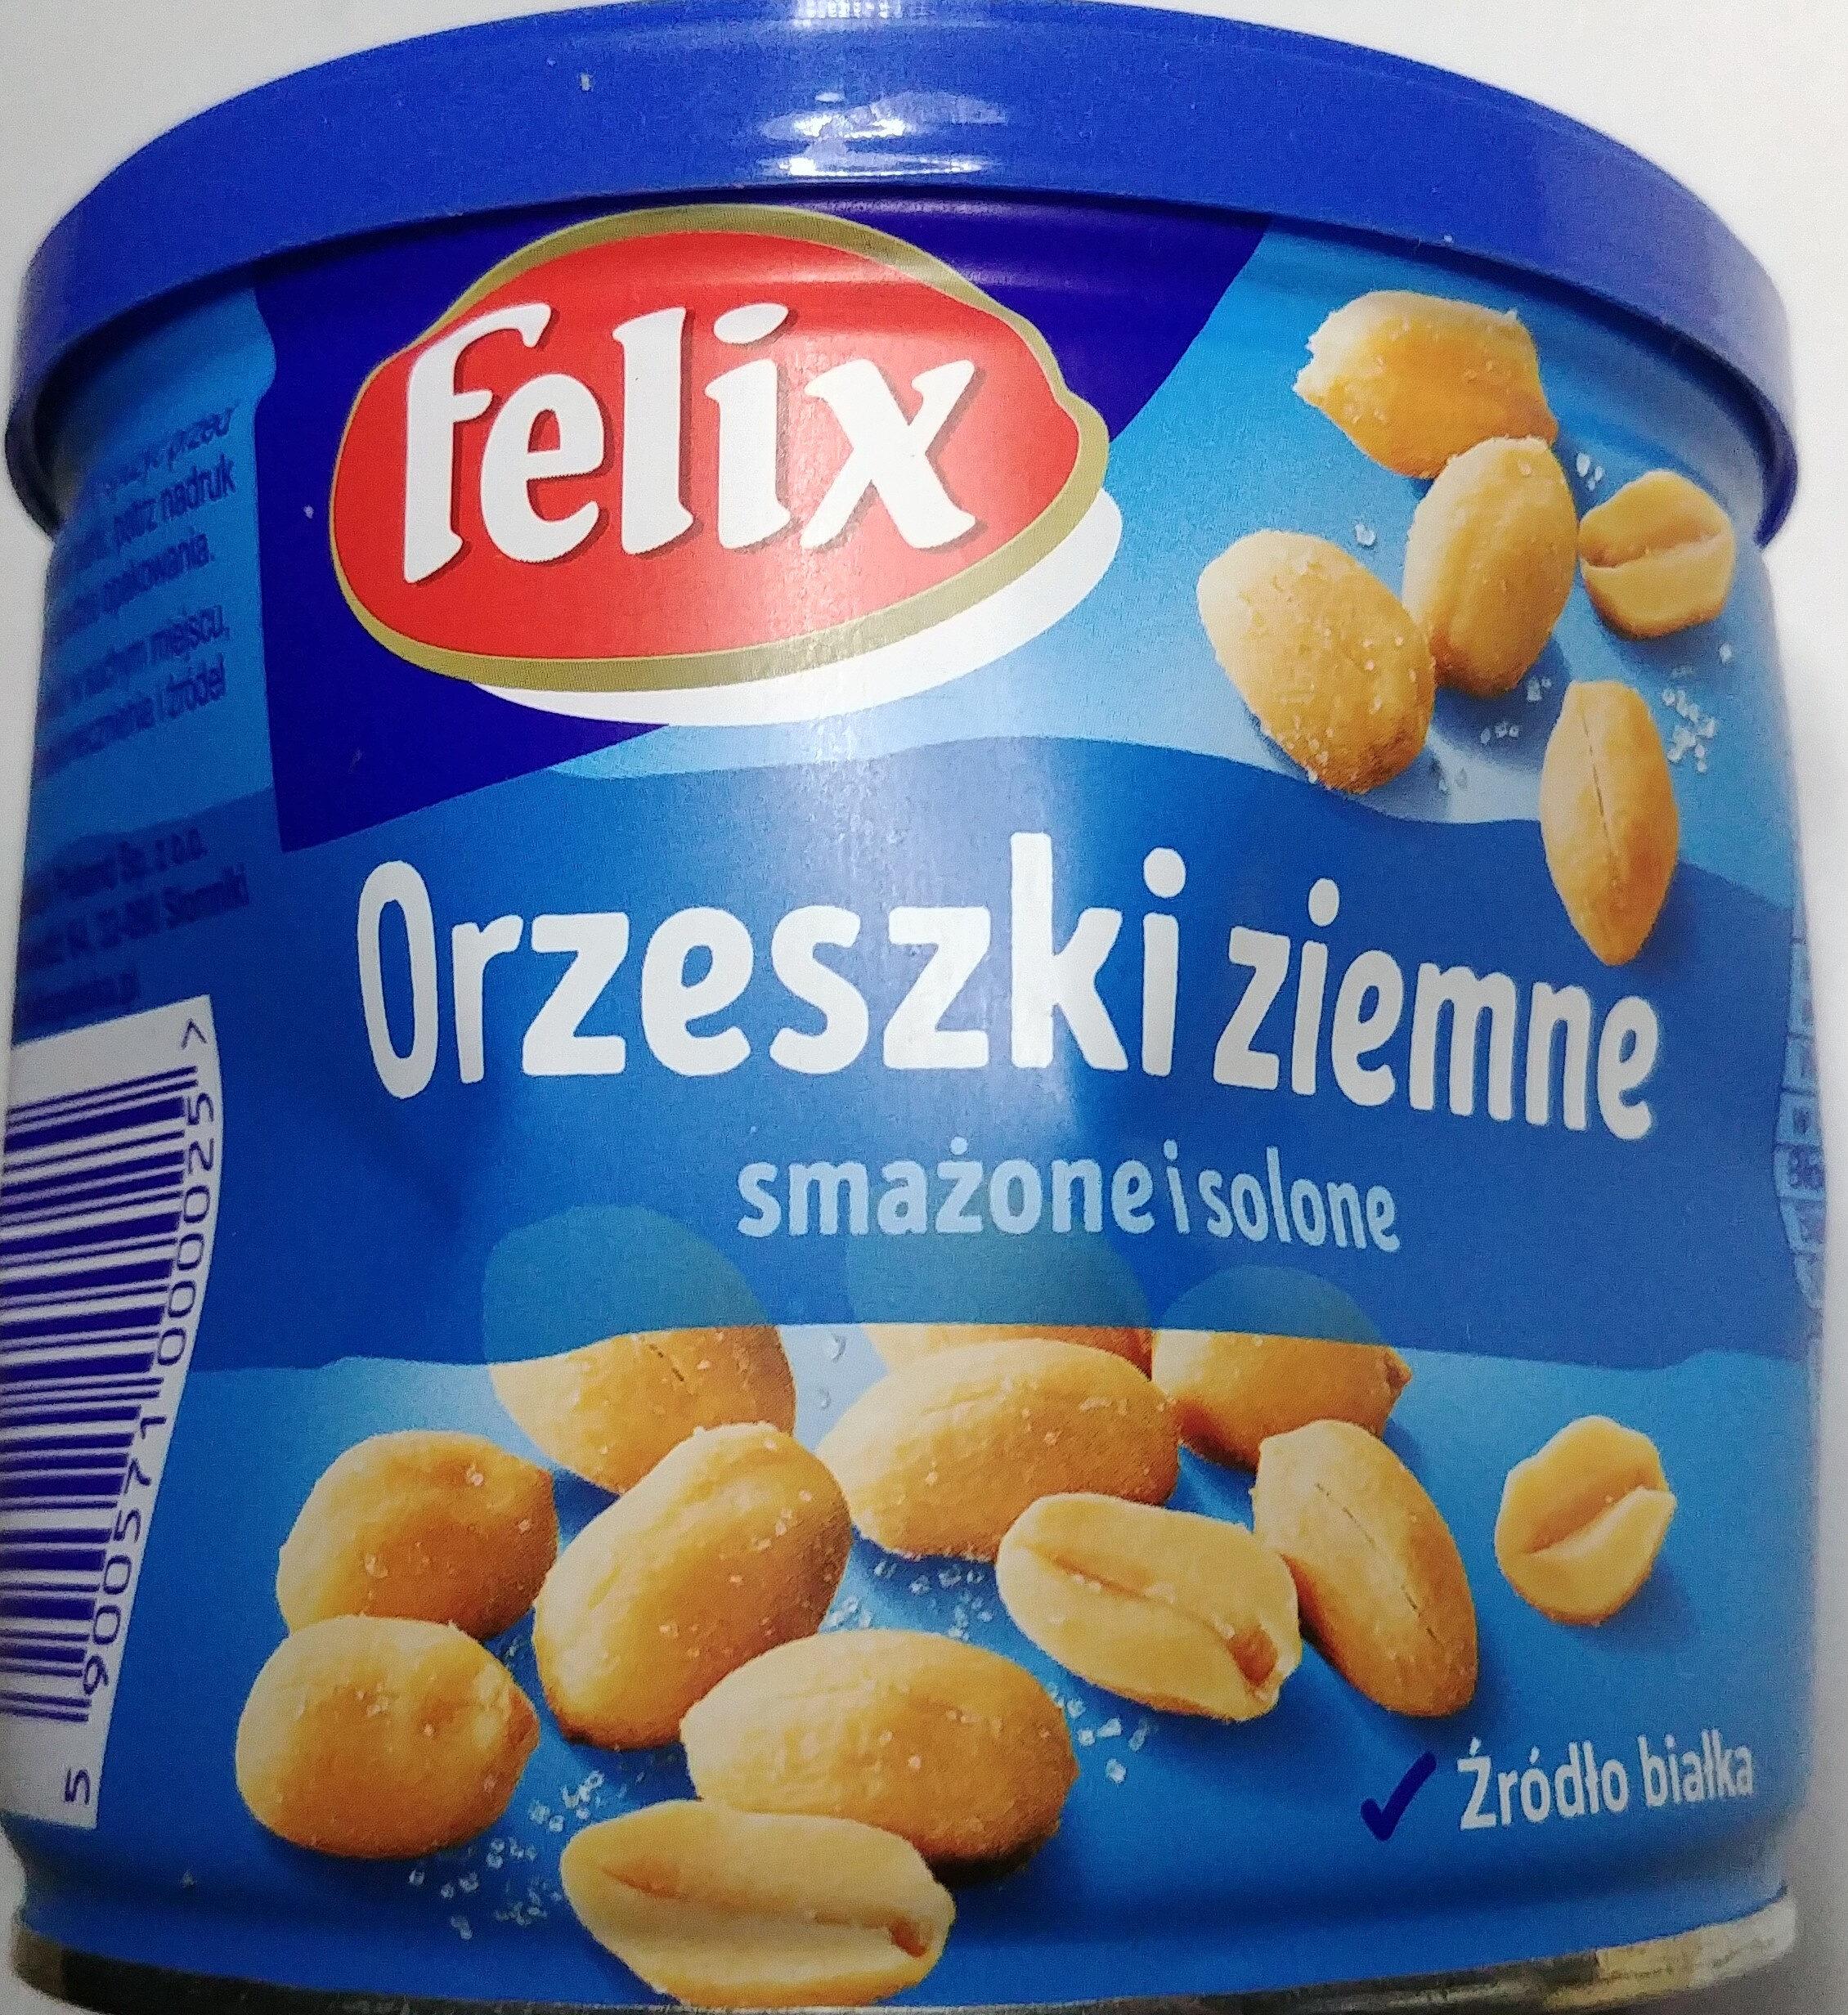 Orzeszki ziemne smażone i solone. - Produkt